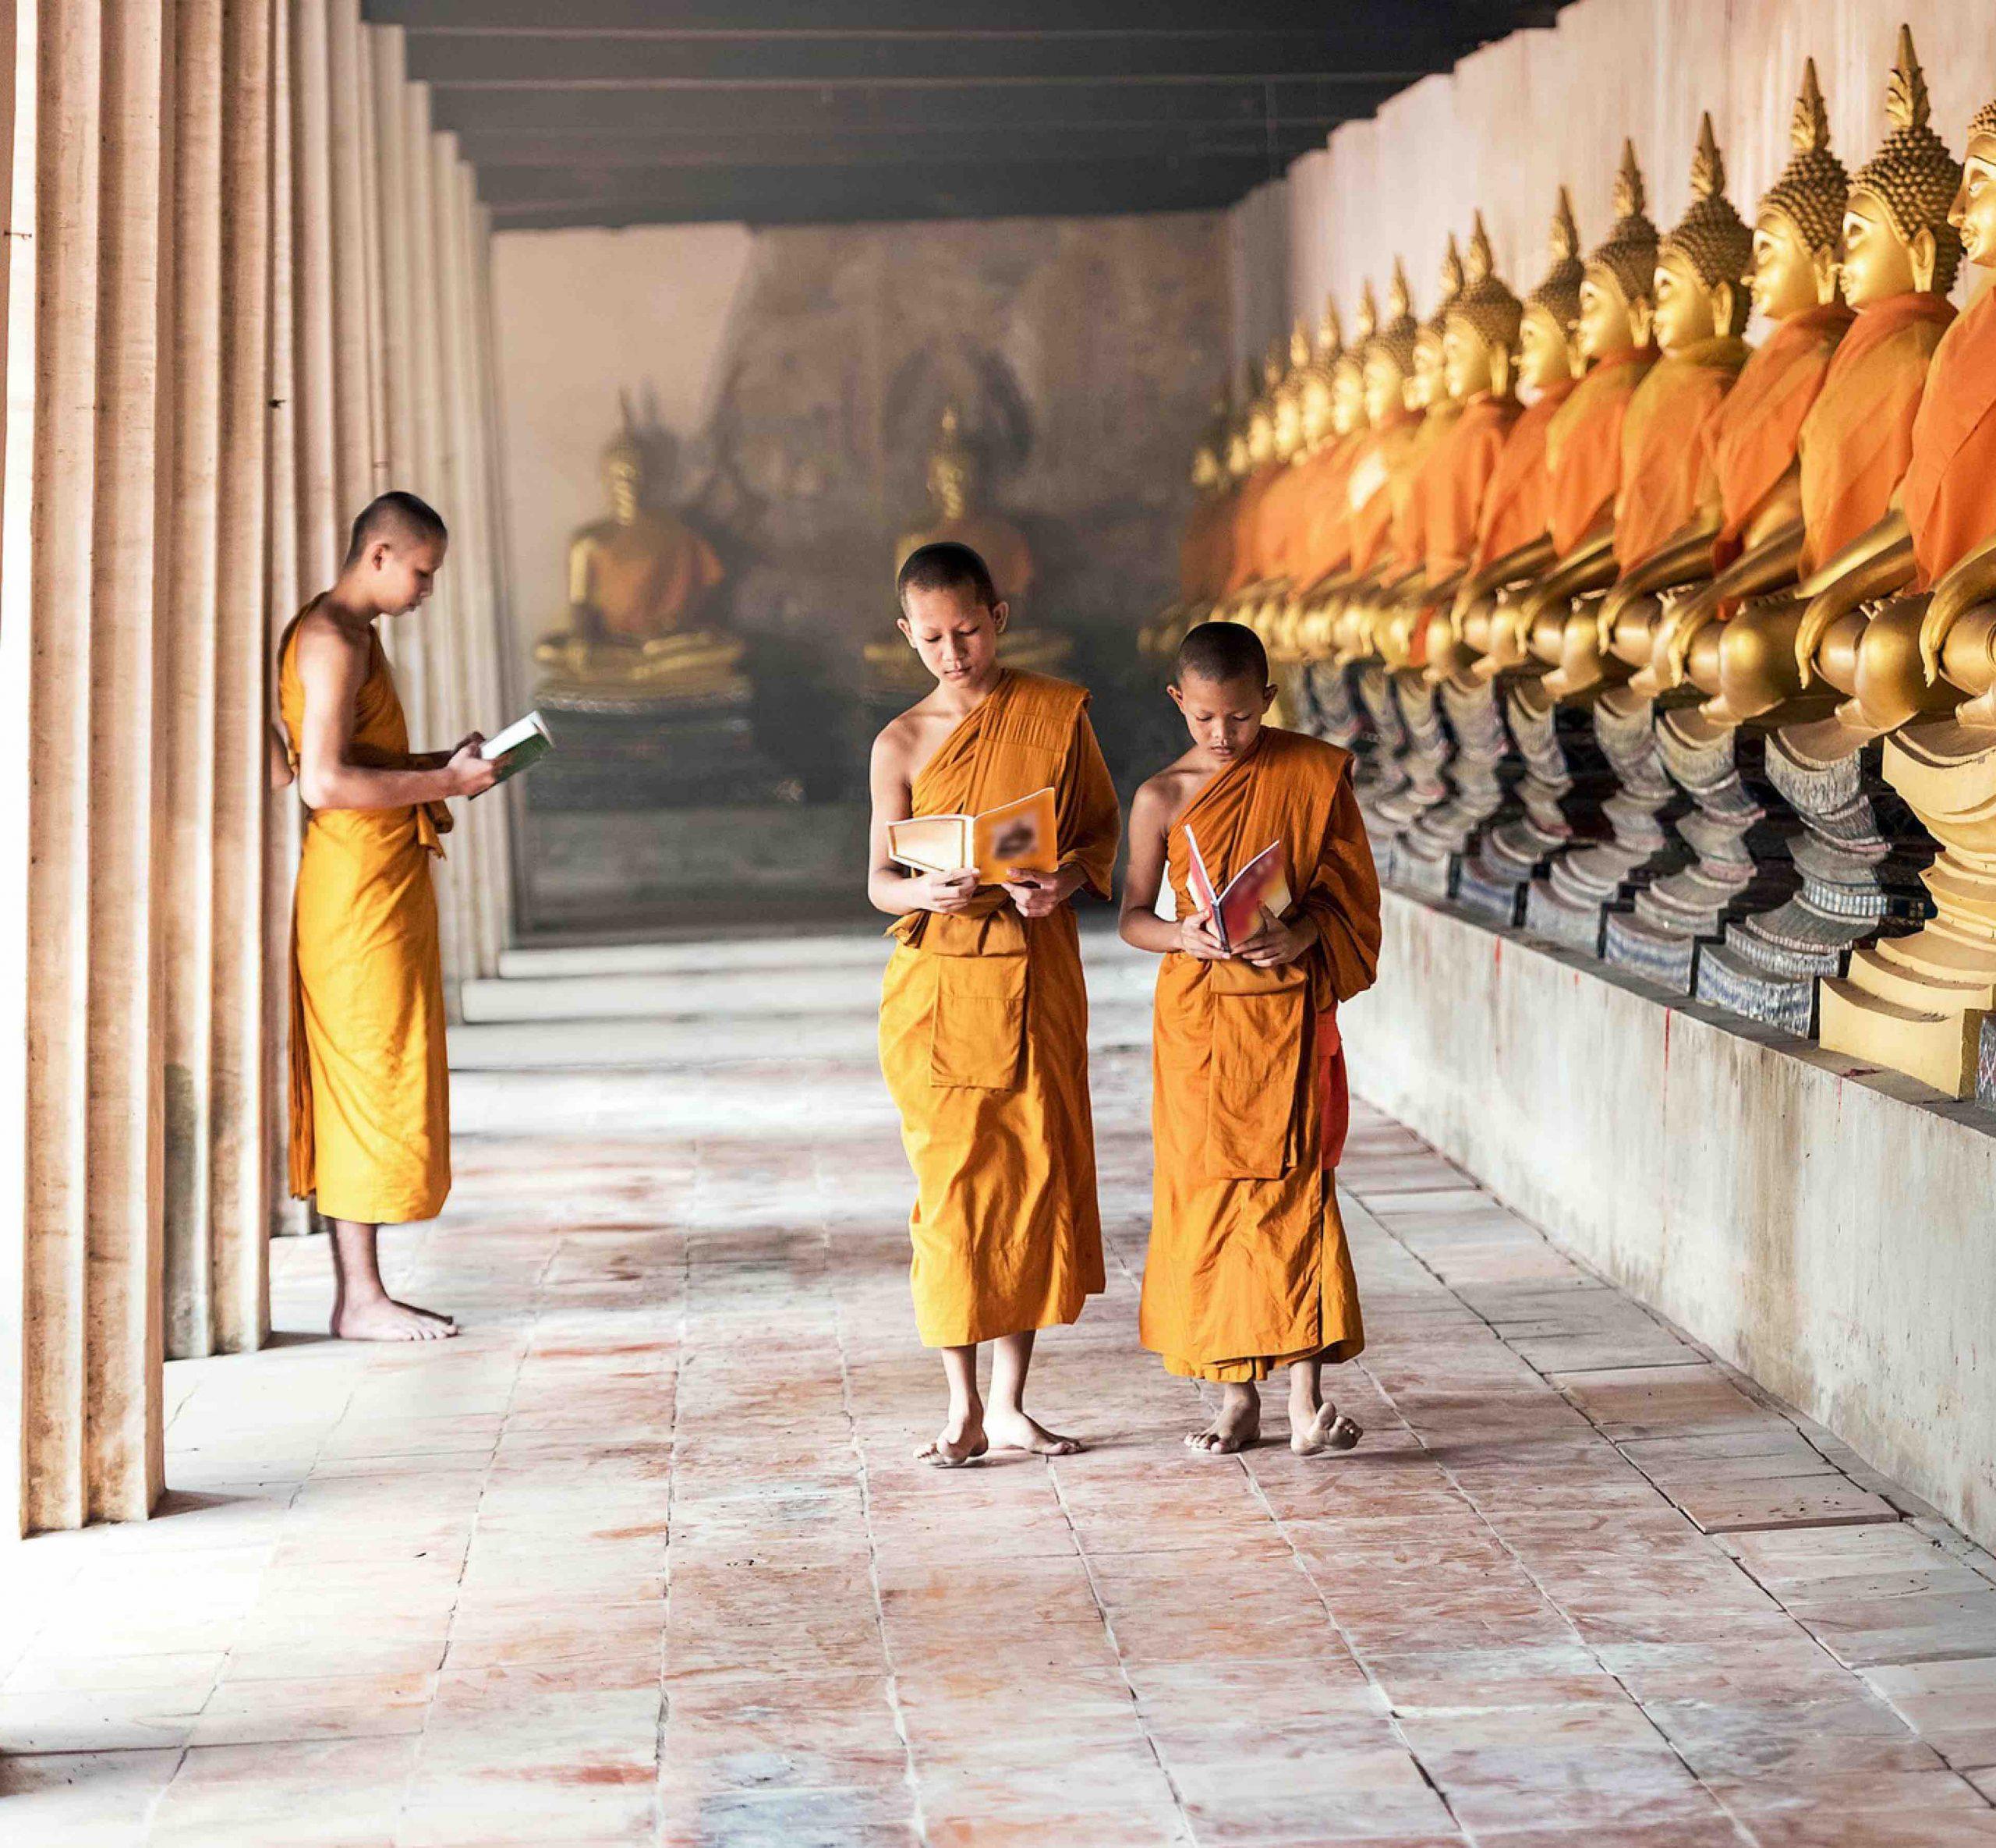 Bezoek Boeddha tempels tijdens je lustrumreis in Nepal